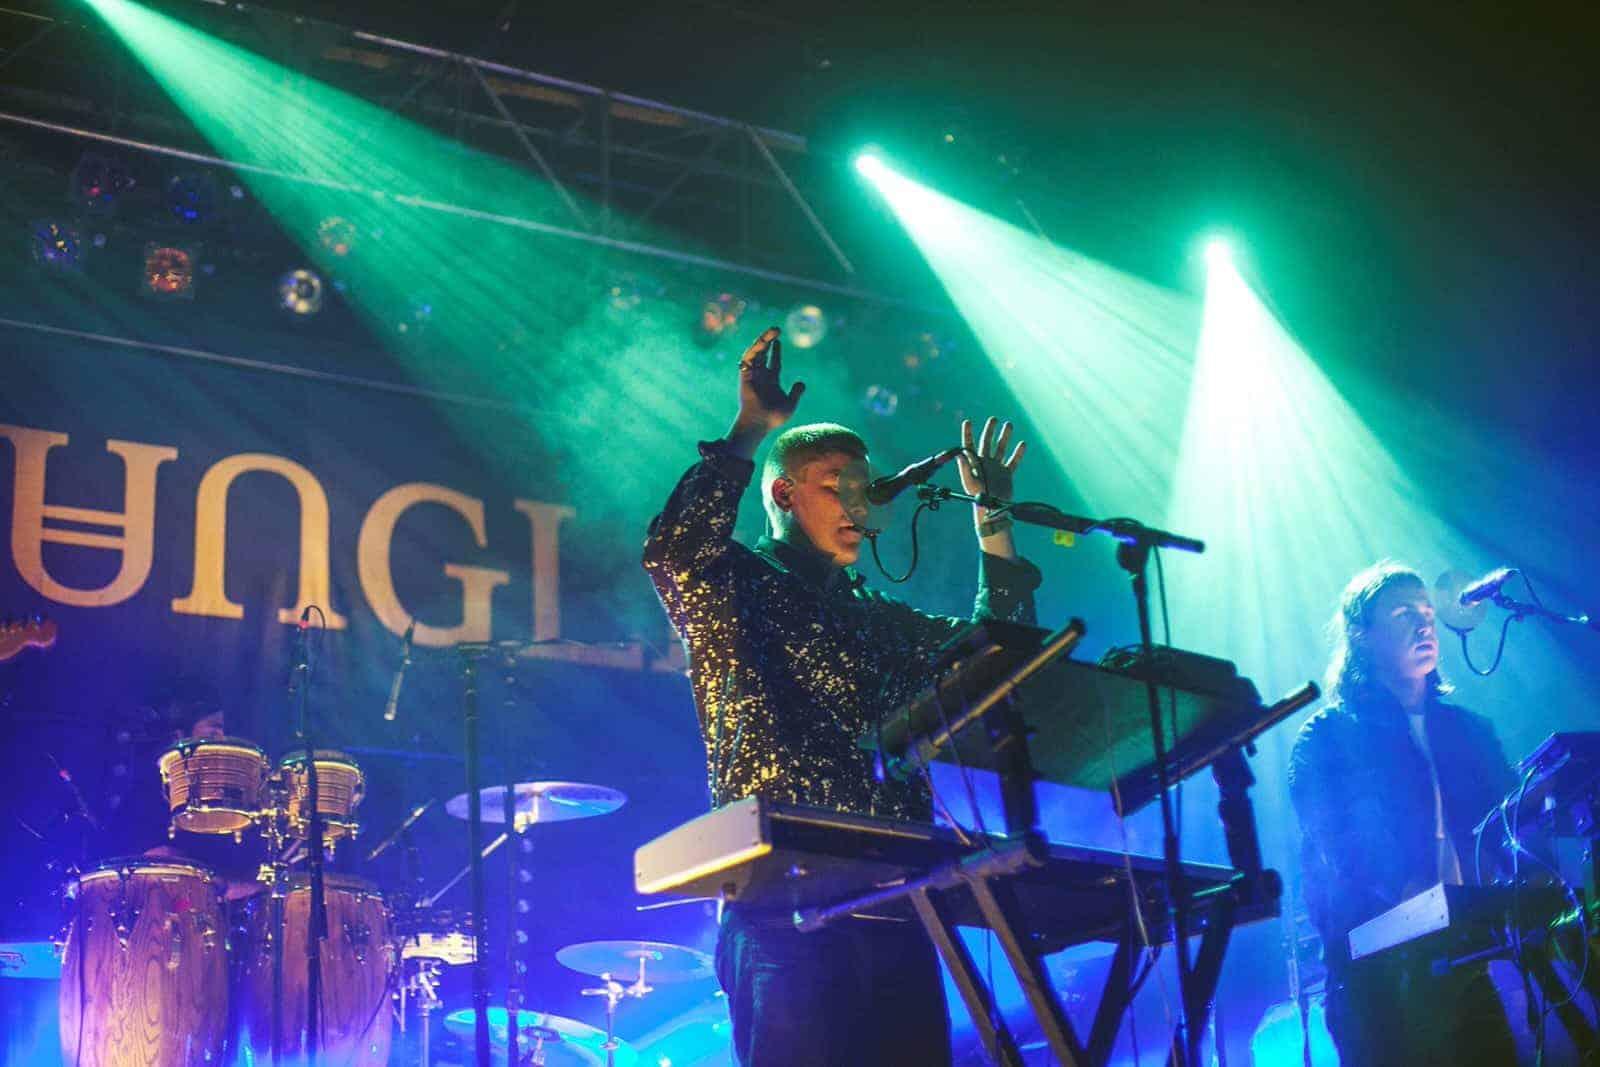 Концерт Jungle в Москве в ГЛАВCLUB GREEN